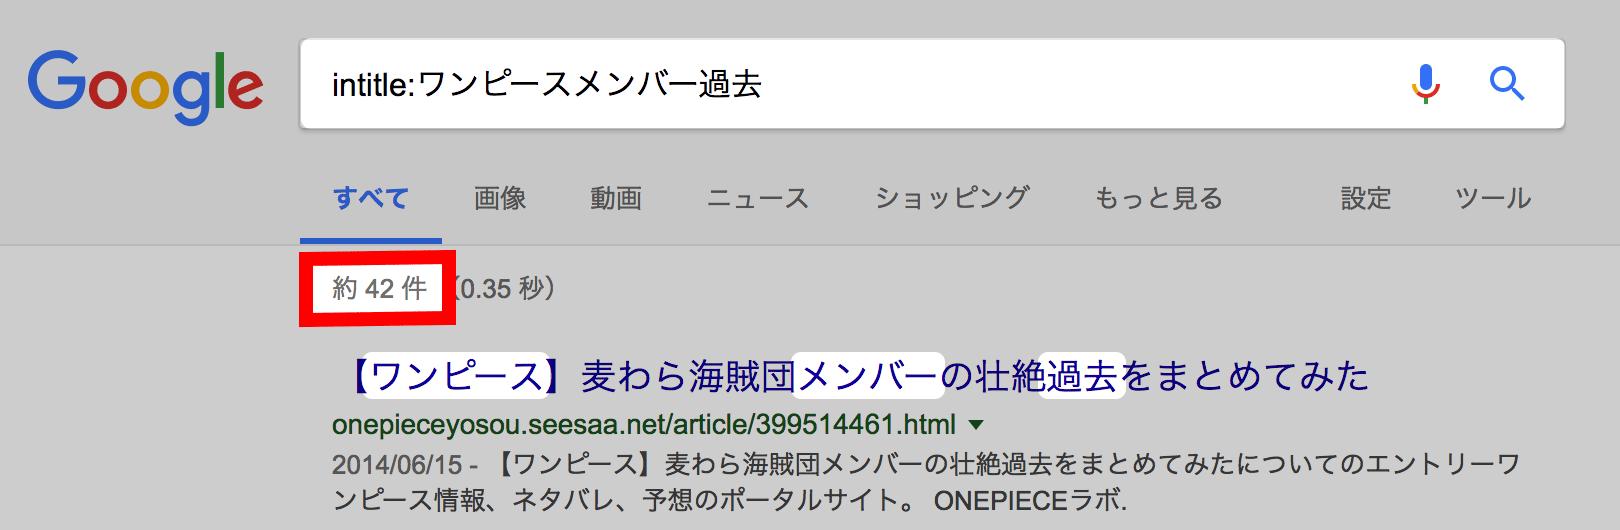 intitle検索:複数の語句を一度に検索